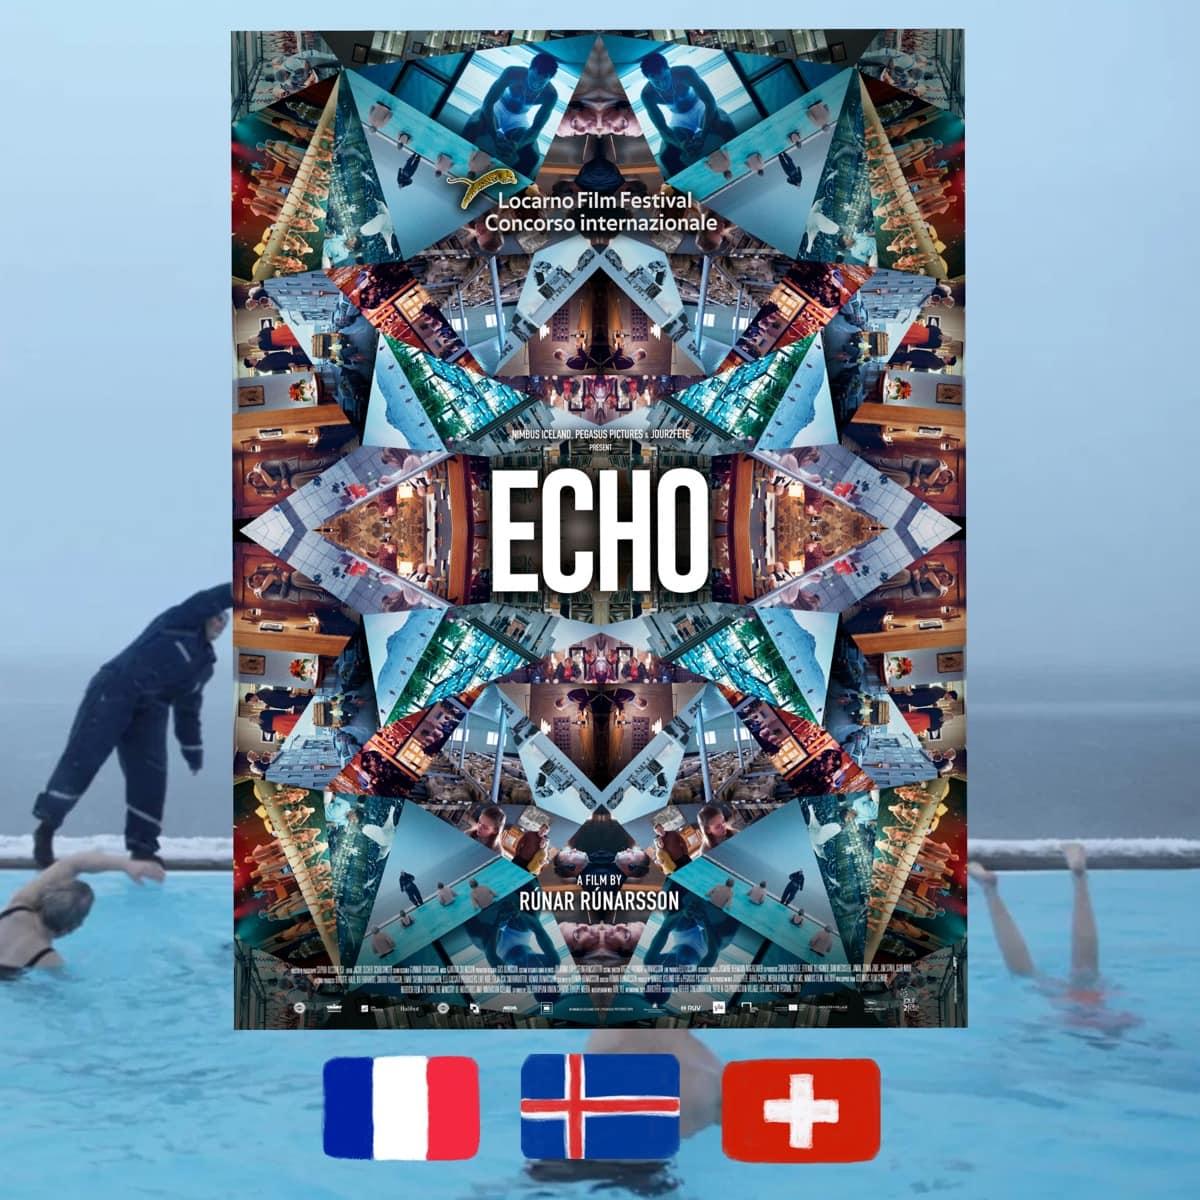 Echo, Rúnar Rúnarsson, movie poster